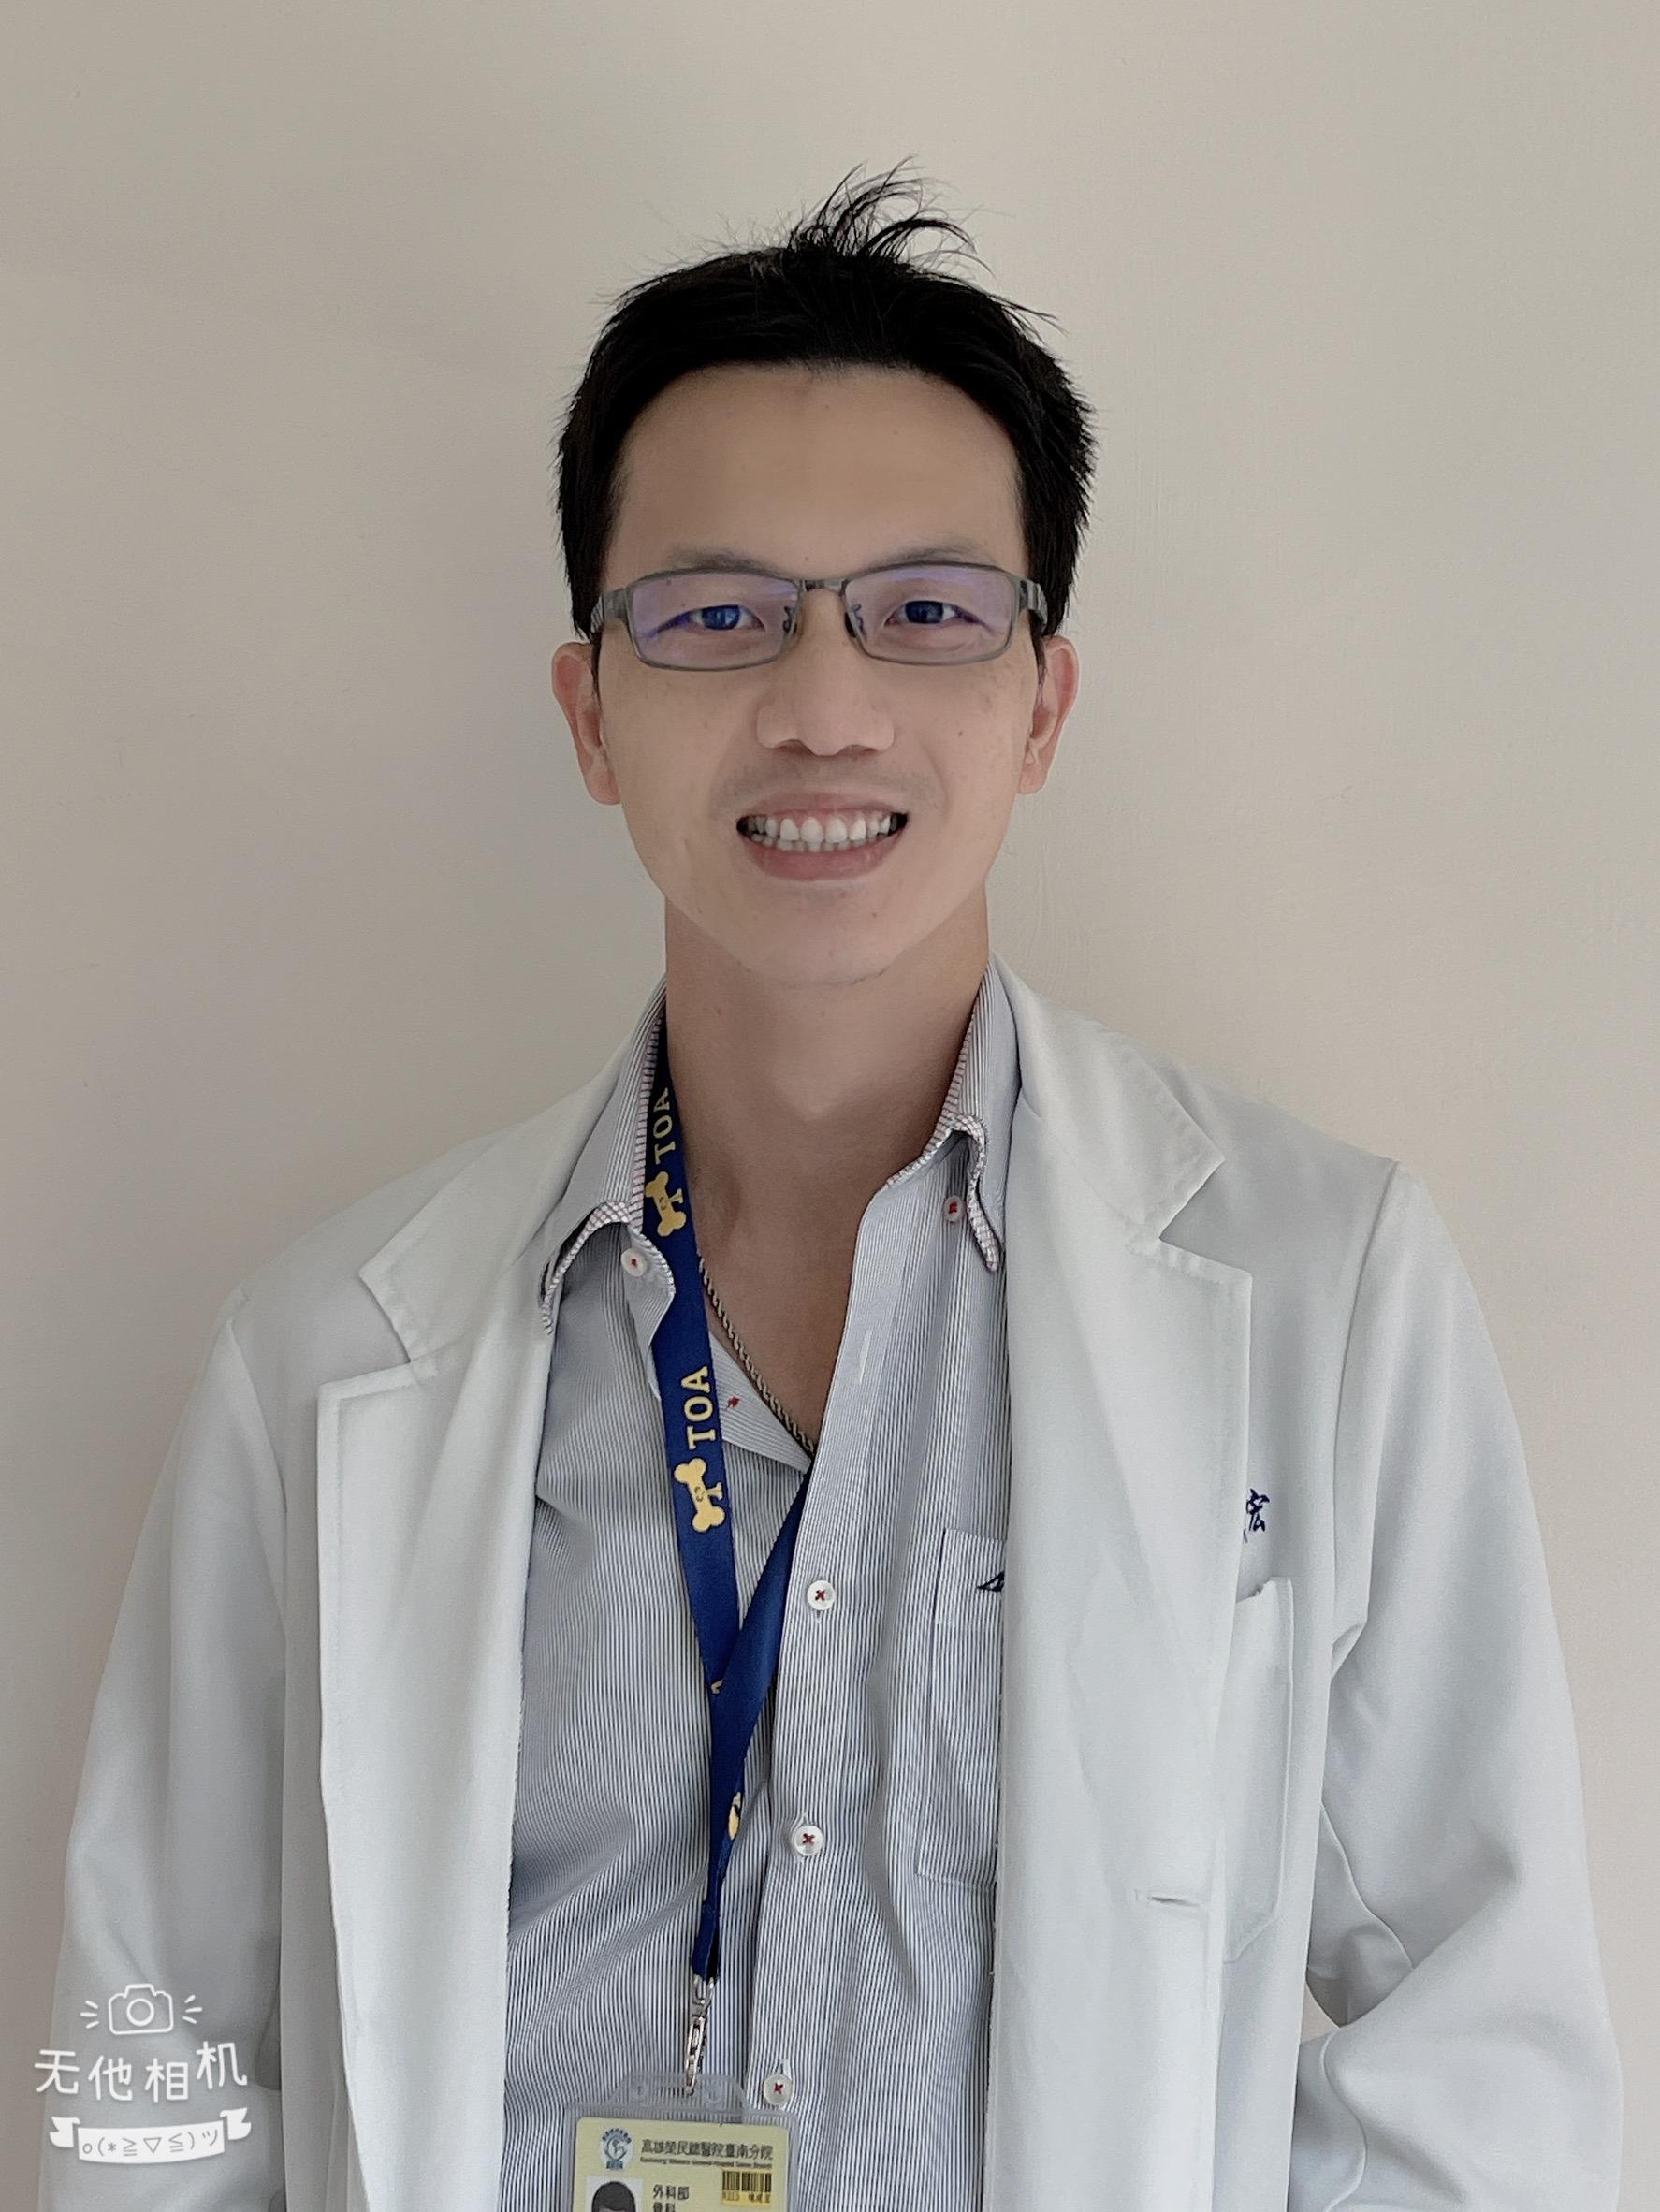 高雄榮總台南分院高齡骨科主任陳建宏醫師。(圖/陳建宏提供)